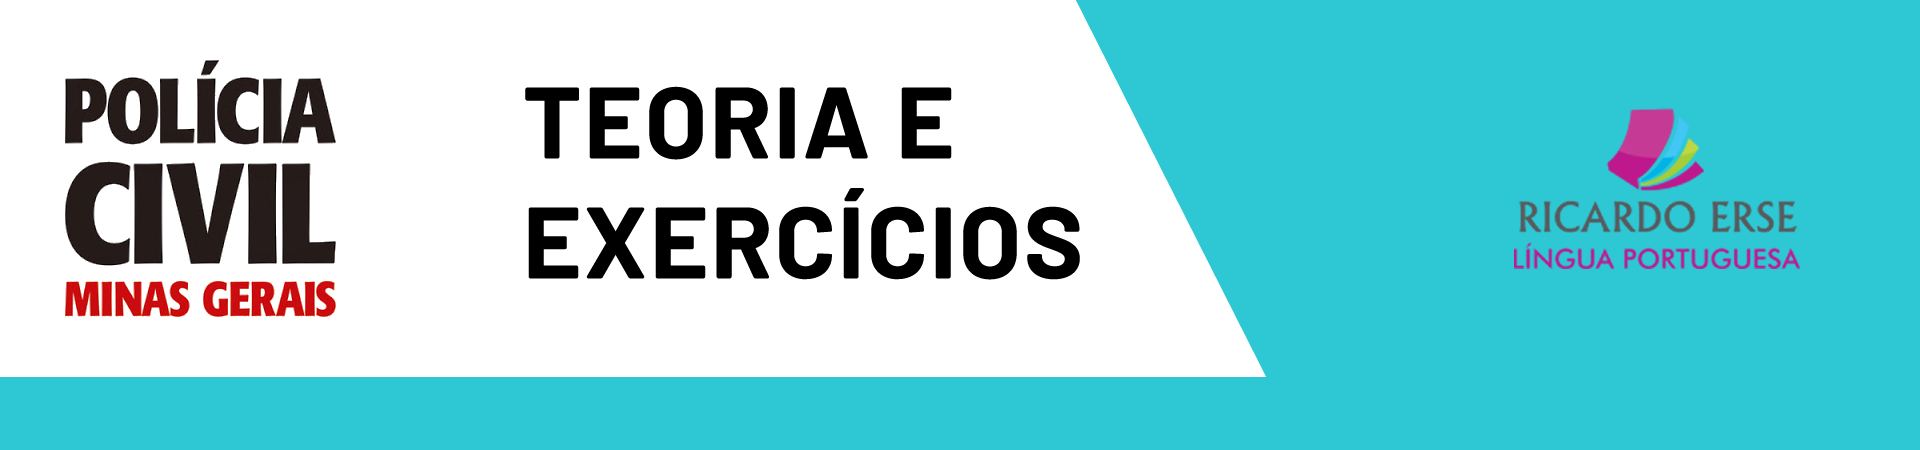 Polícia Civil de Minas Gerais